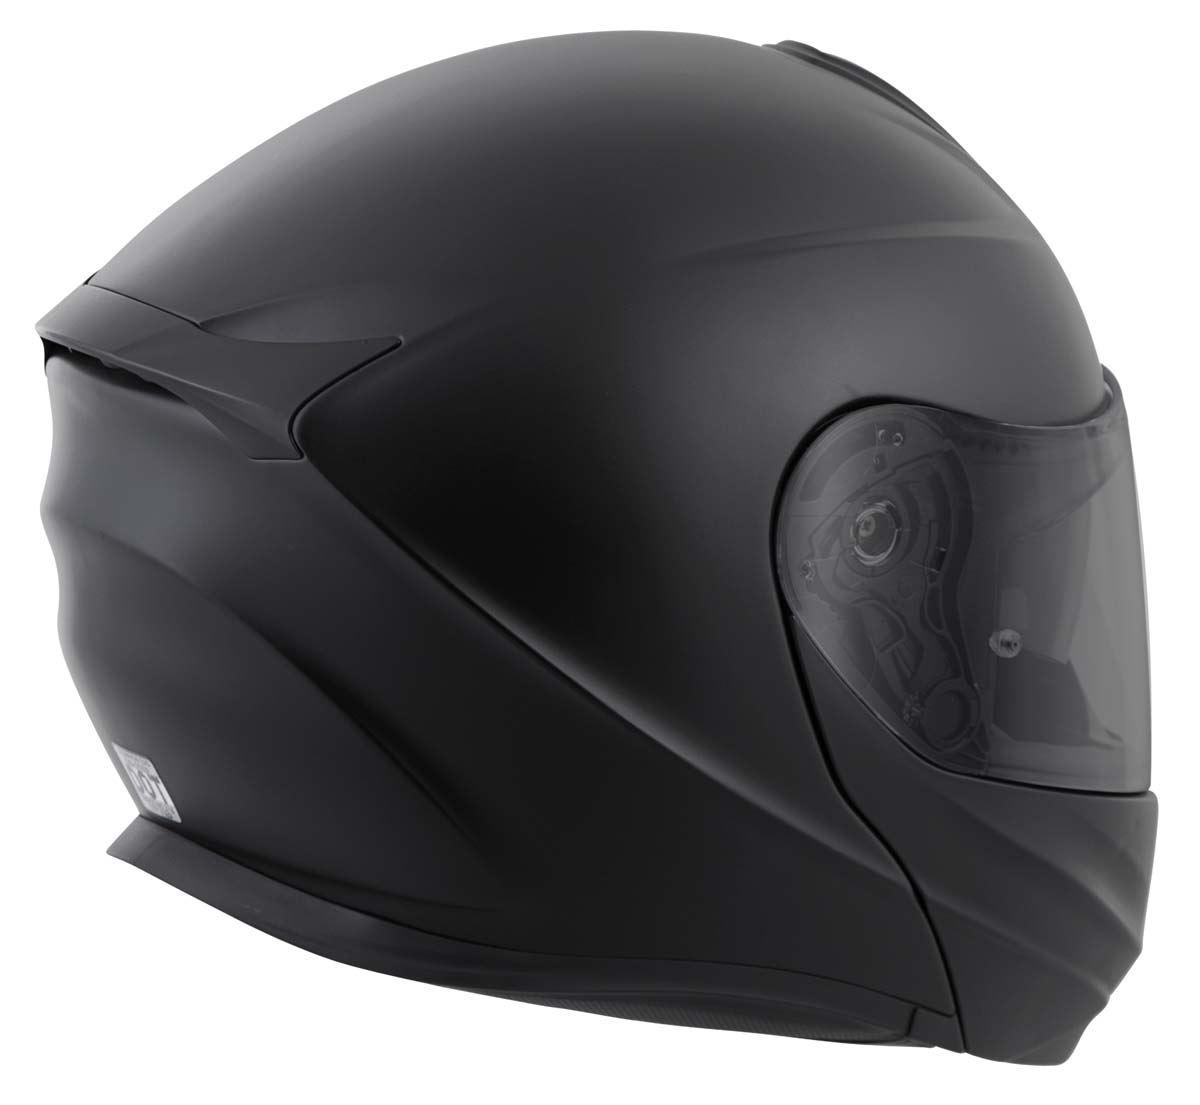 Scorpion-EXO-GT920-Helmet-Sport-Touring-Modular-Flip-Up-DOT-Approved-XS-3XL miniature 6